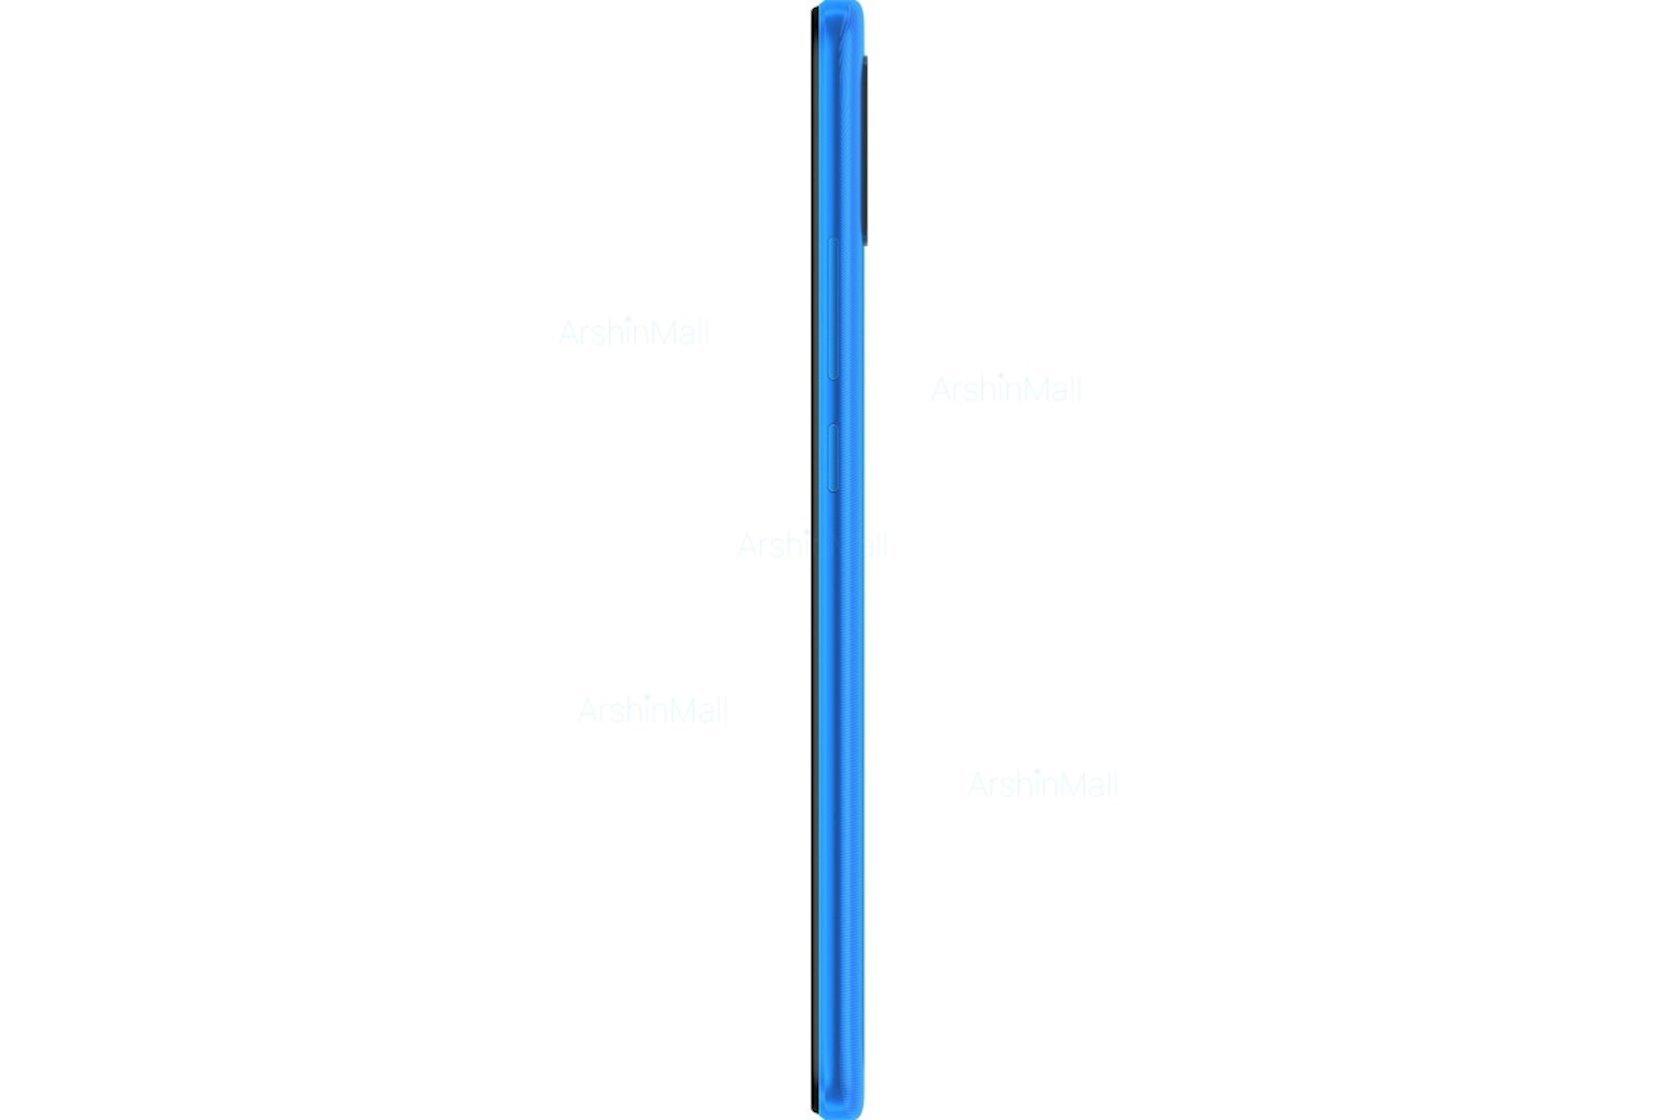 Smartfon Xiaomi Redmi 9A 2/32 Gb Sky Blue